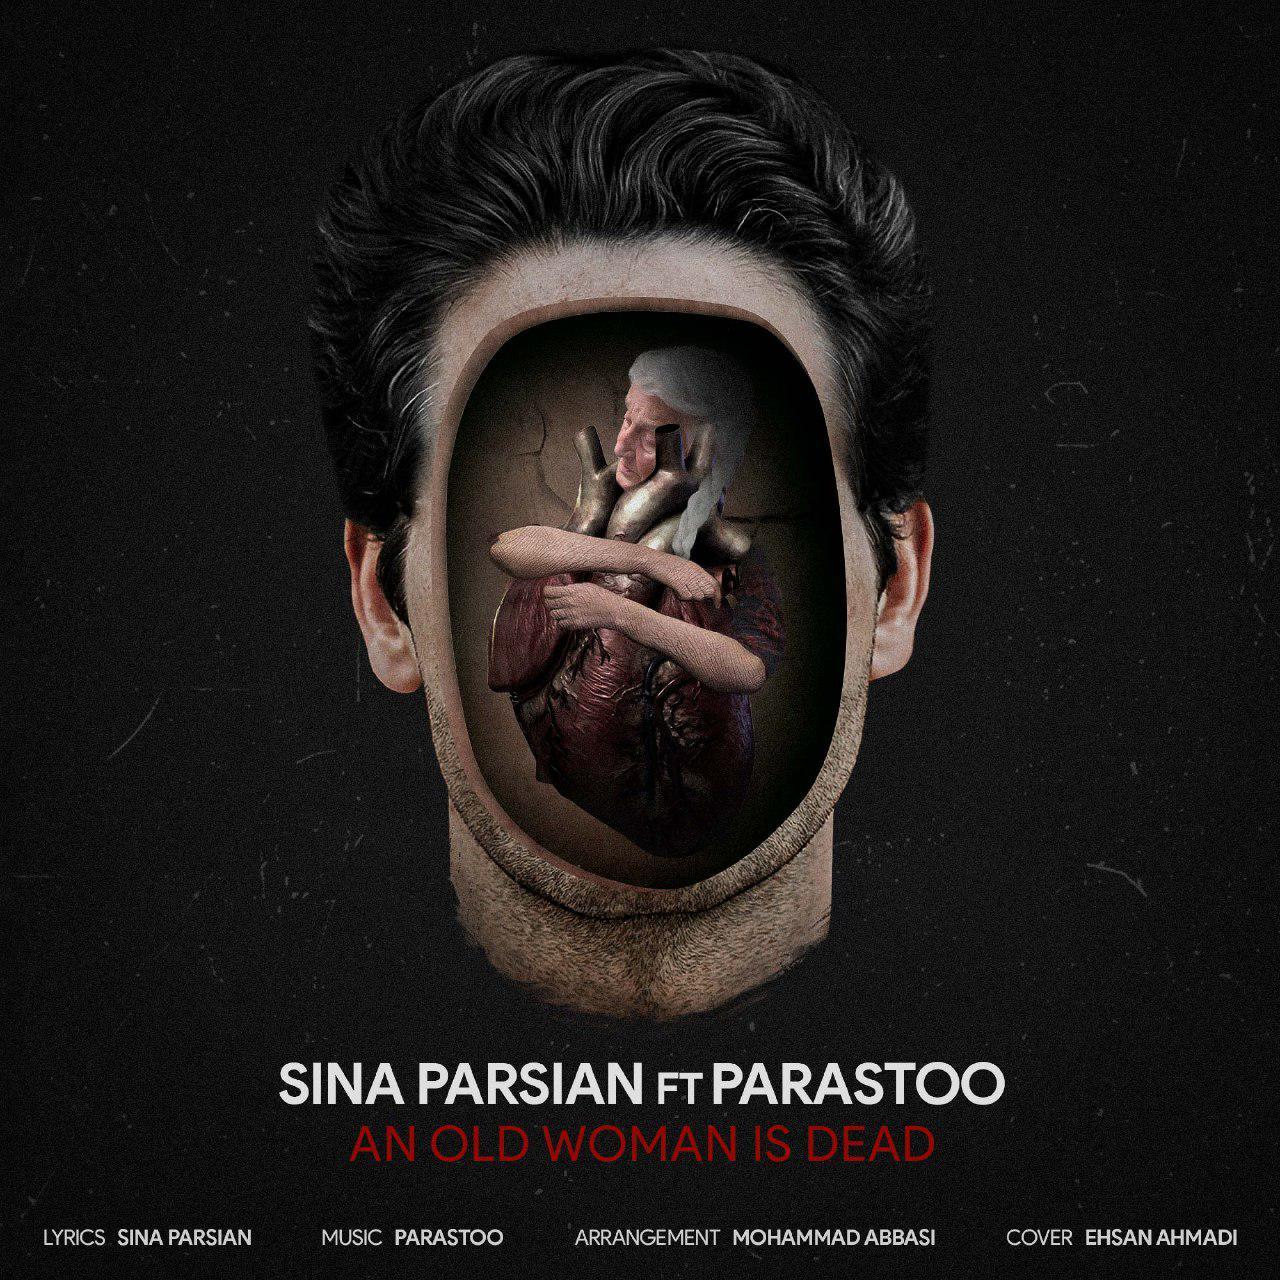 Sina Parsian - Ye Pire Zan Morde - دانلود آهنگ سینا پارسیان به نام یه پیرزن مُرده